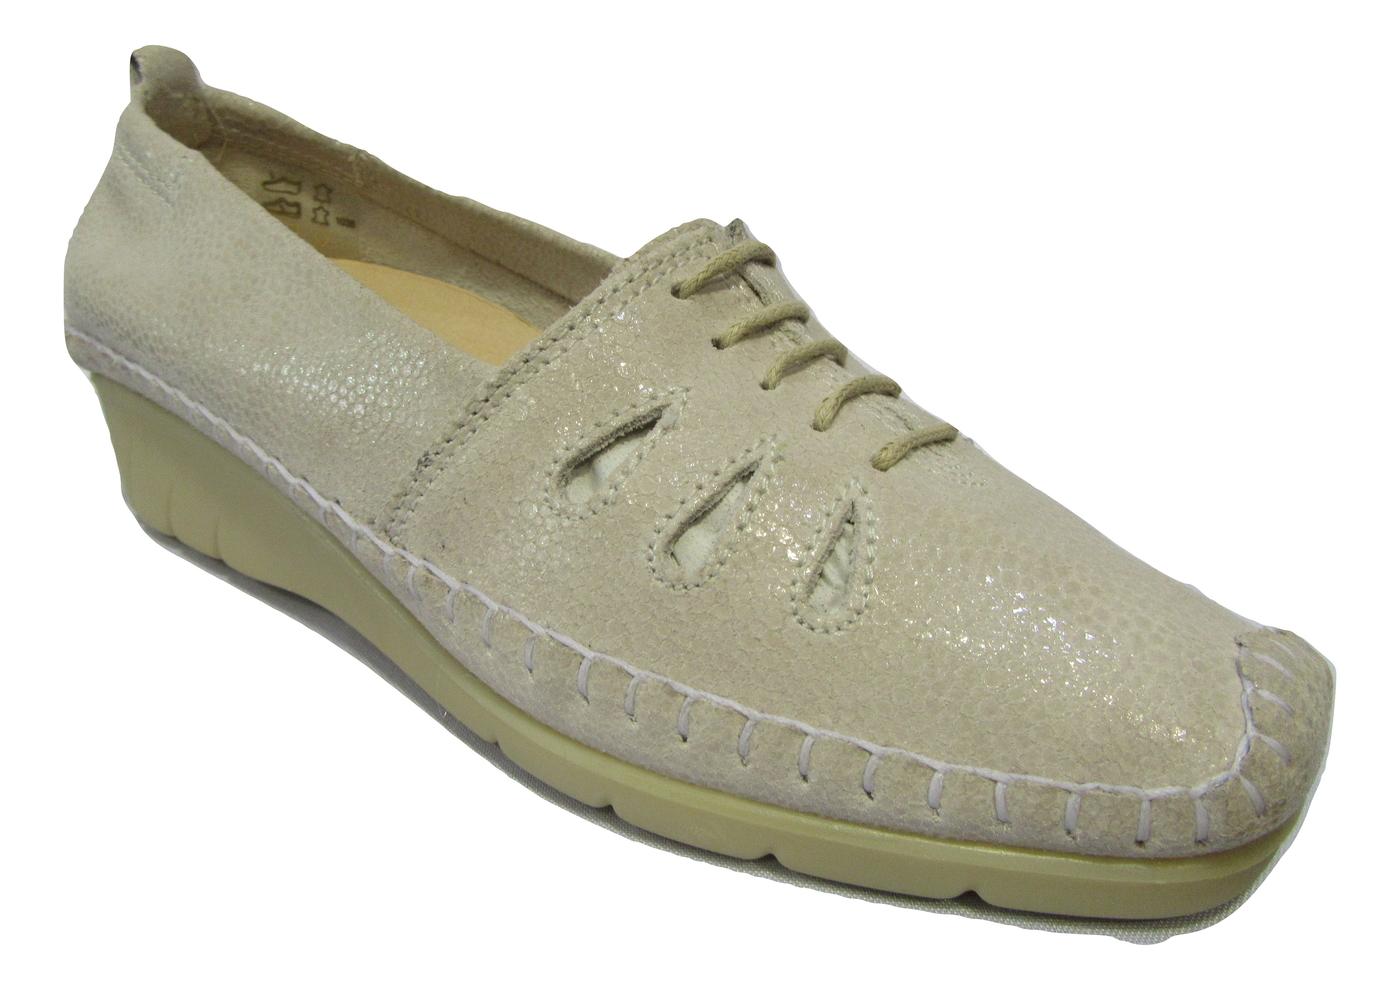 Chaussure confort/pieds sensibles cuir LUXAT blanc casse talon compensé